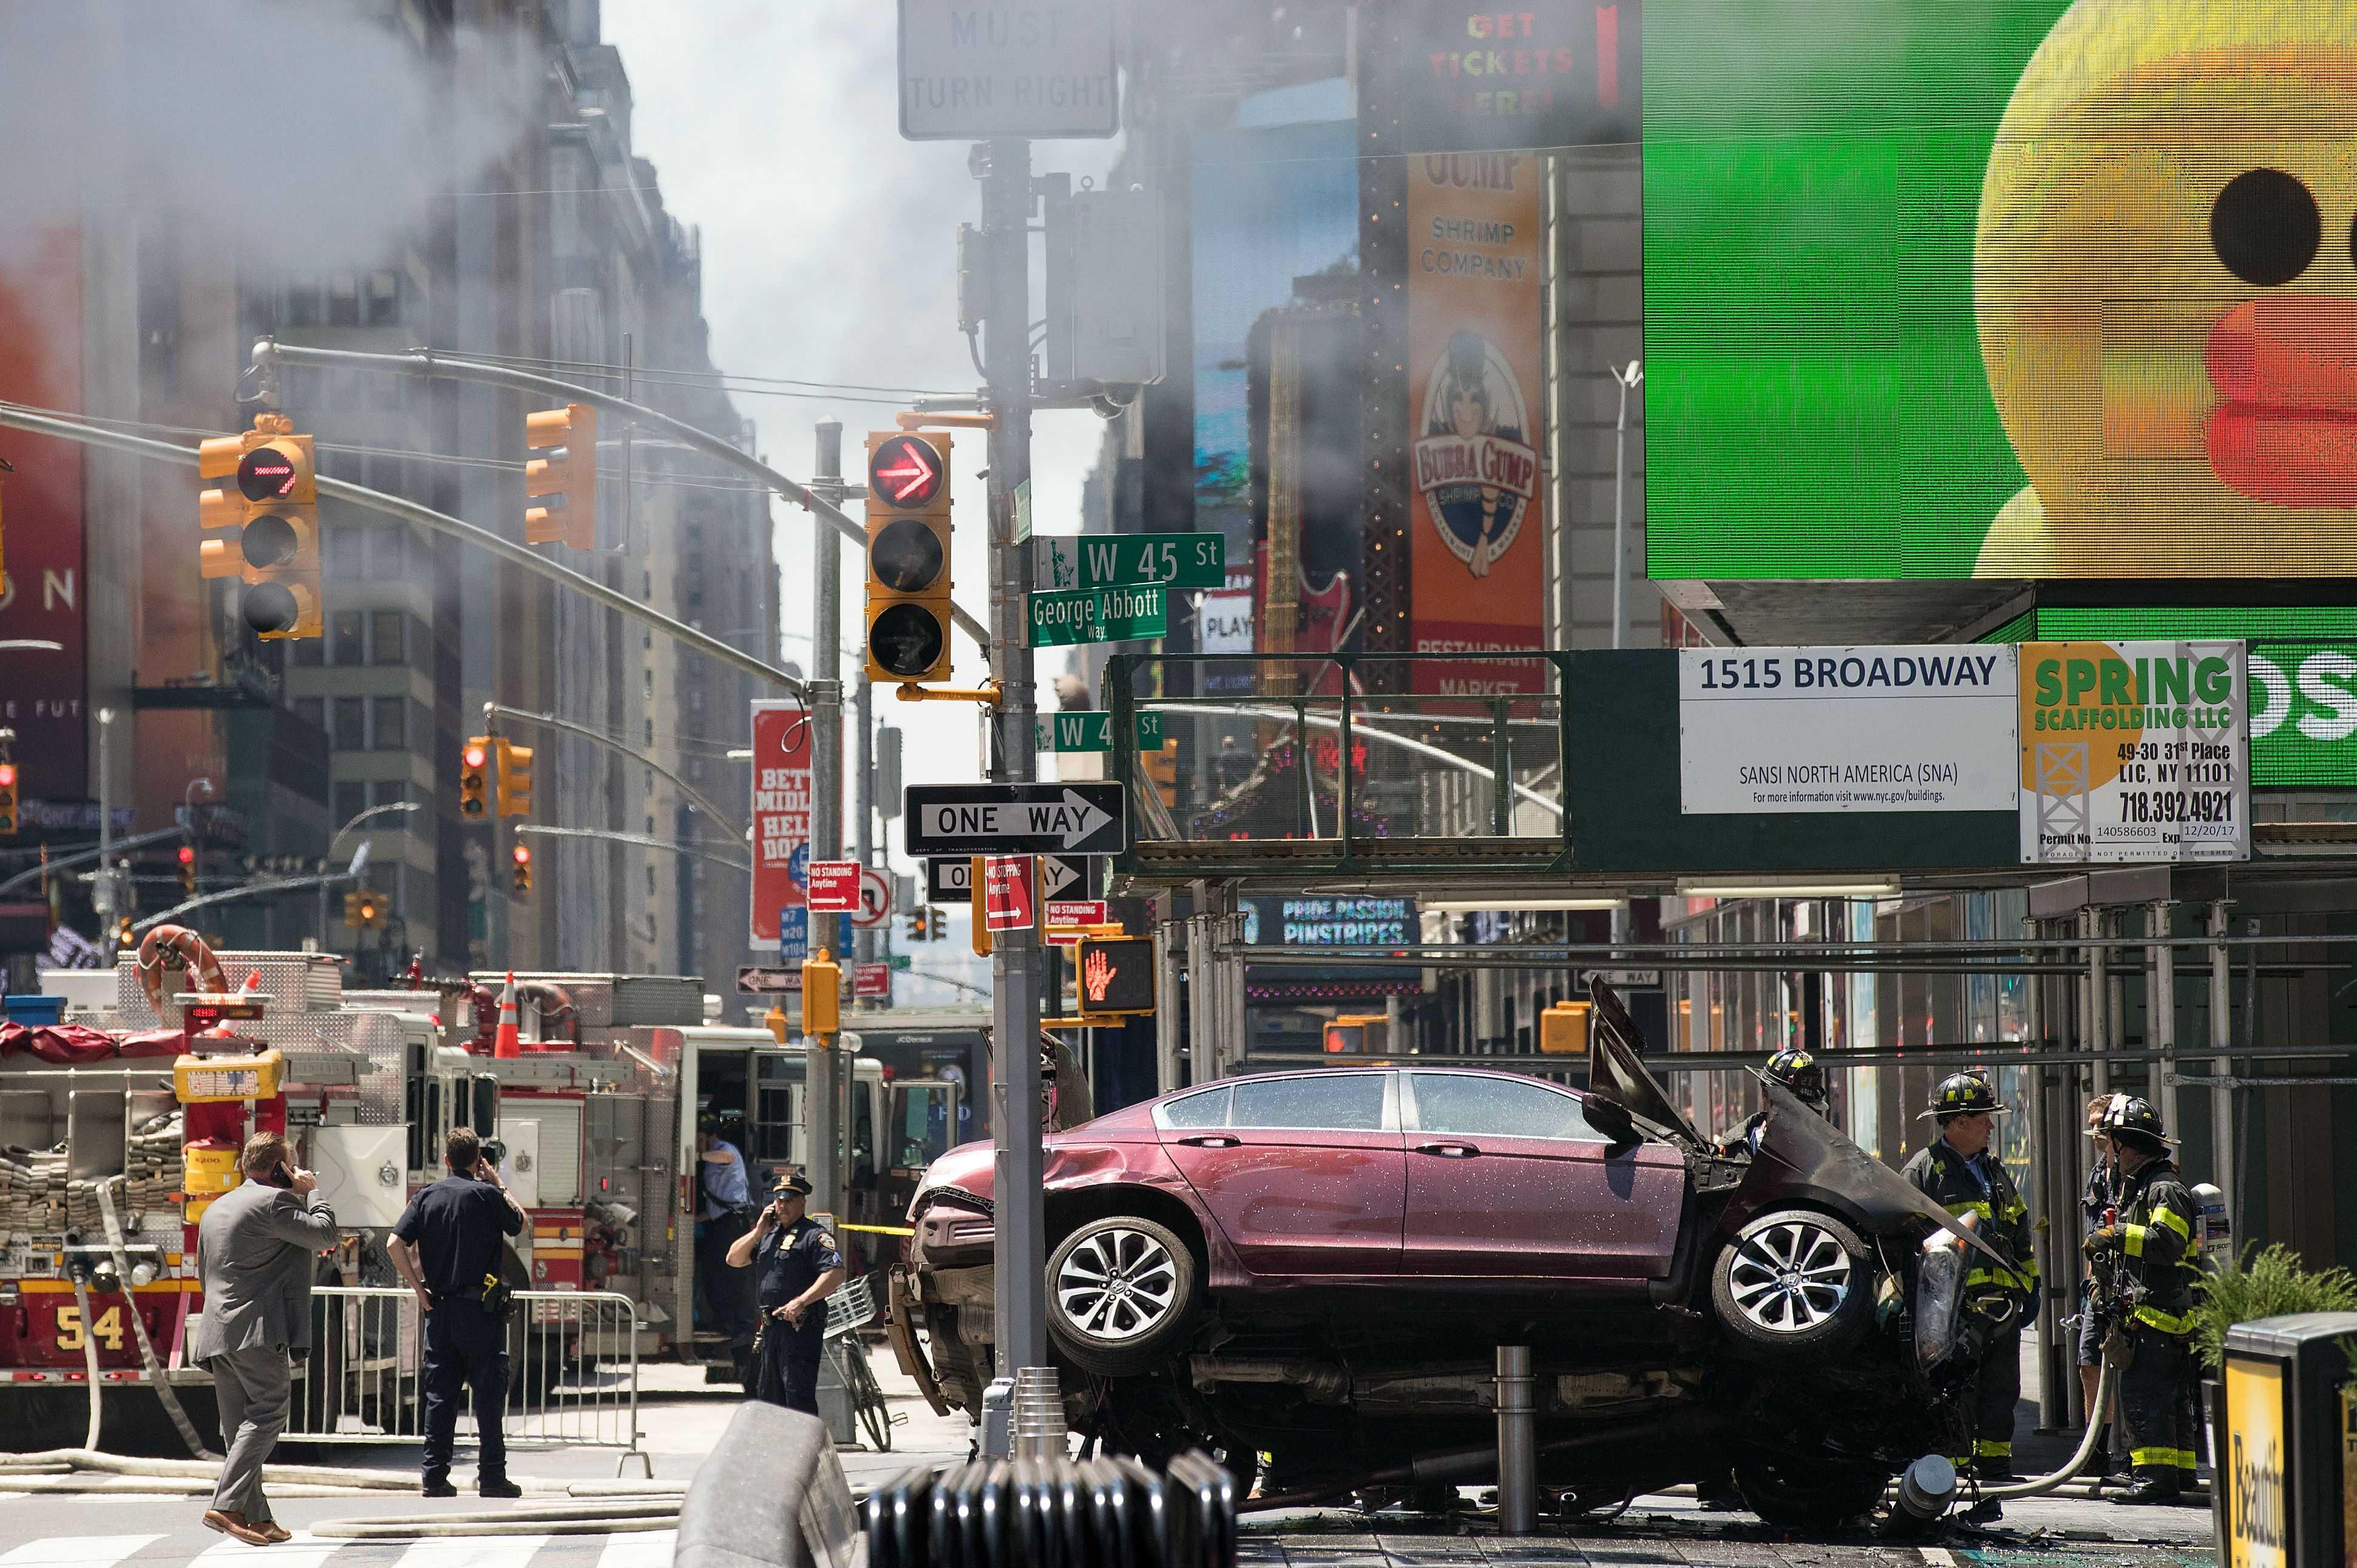 Veterano de la Marina de EEUU acusado por accidente mortal en Times Square